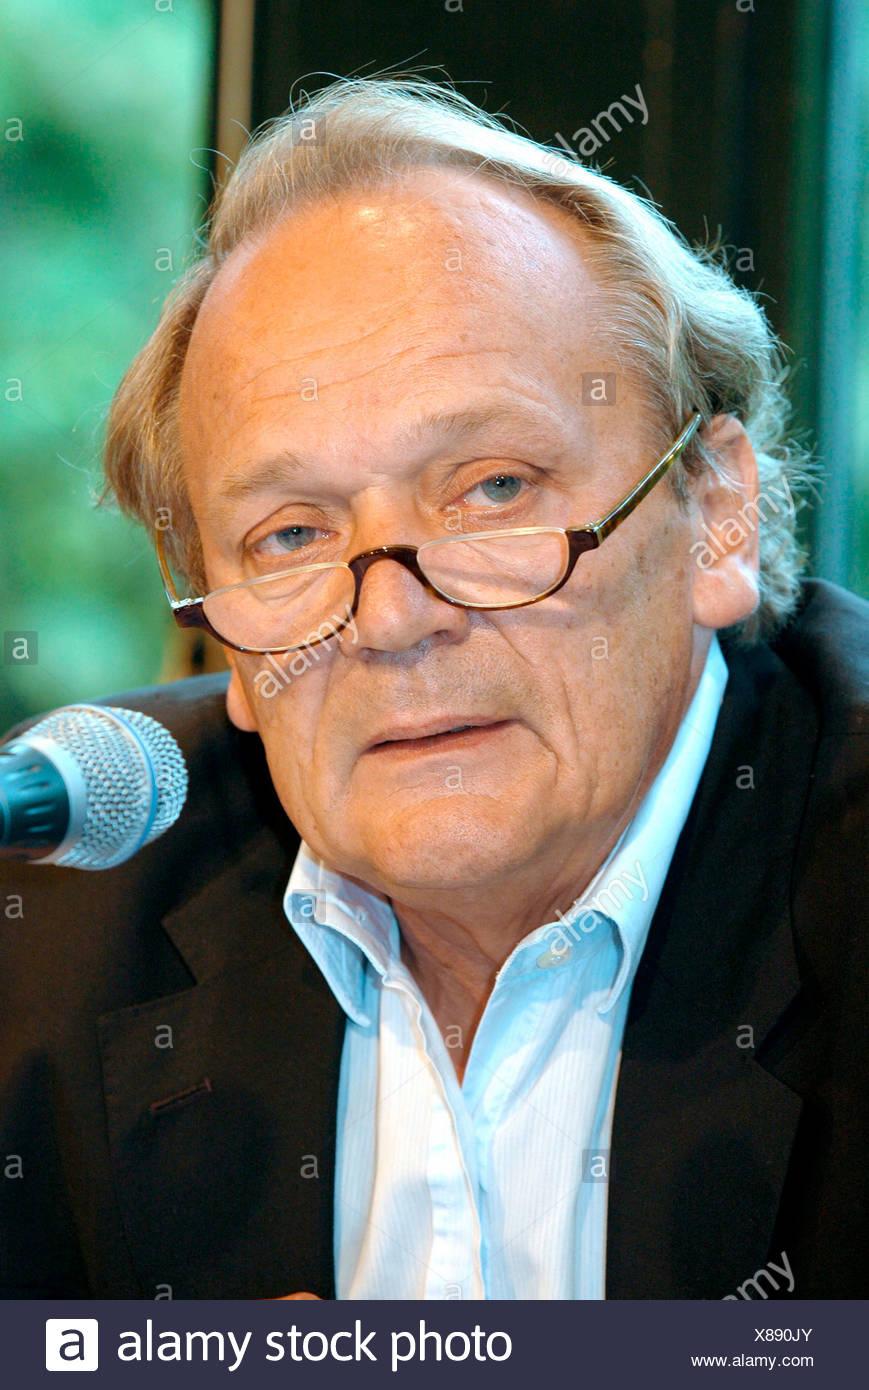 Joachim Satorius Stock Photo 280481235 Alamy